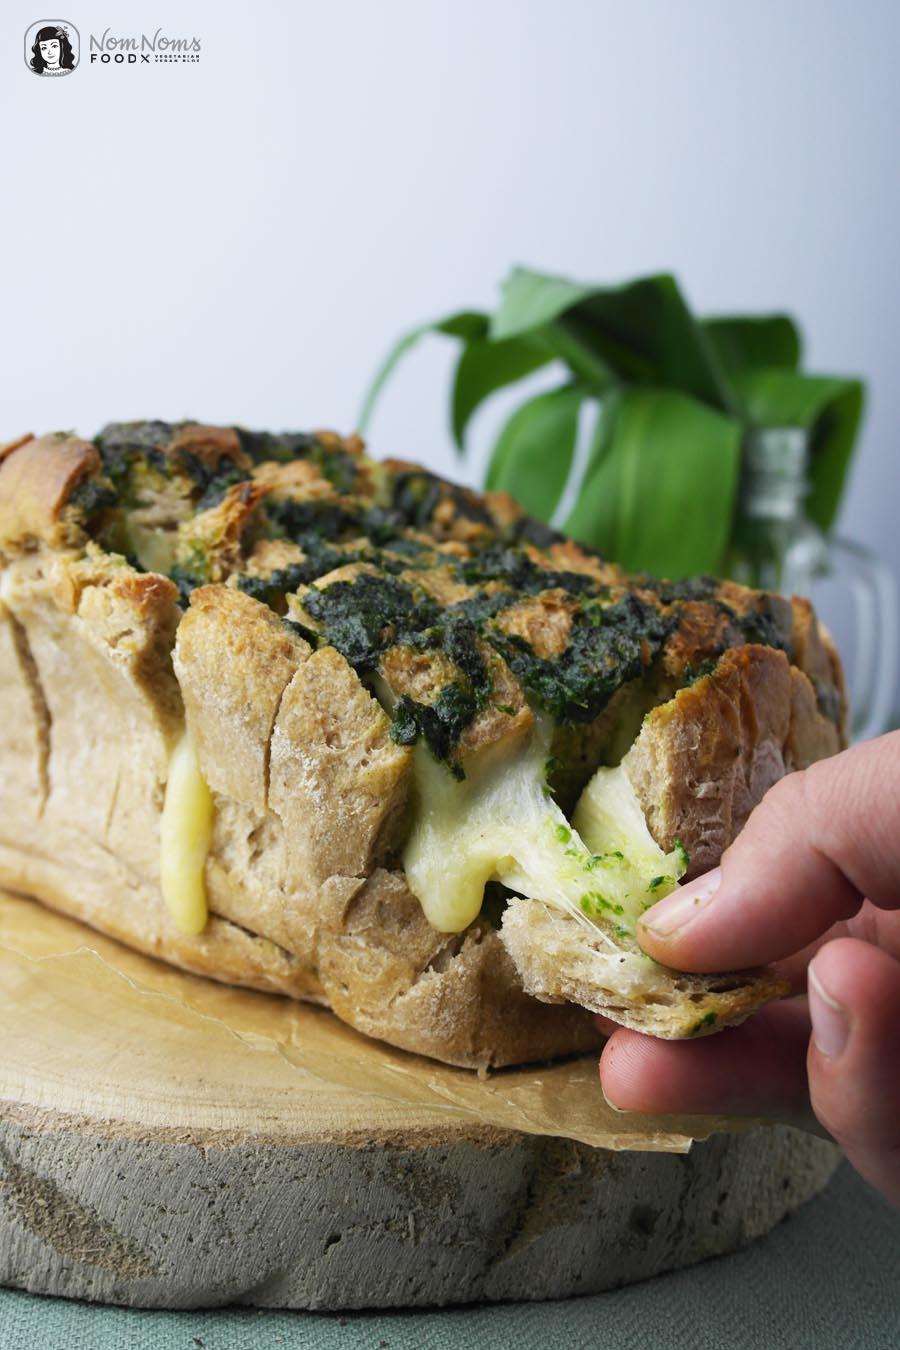 Herzhaftes Bärlauch Pull-Apart-Bread oder Bärlauch Zupfbrot | Wild Garlic Pull-Apart-Bread